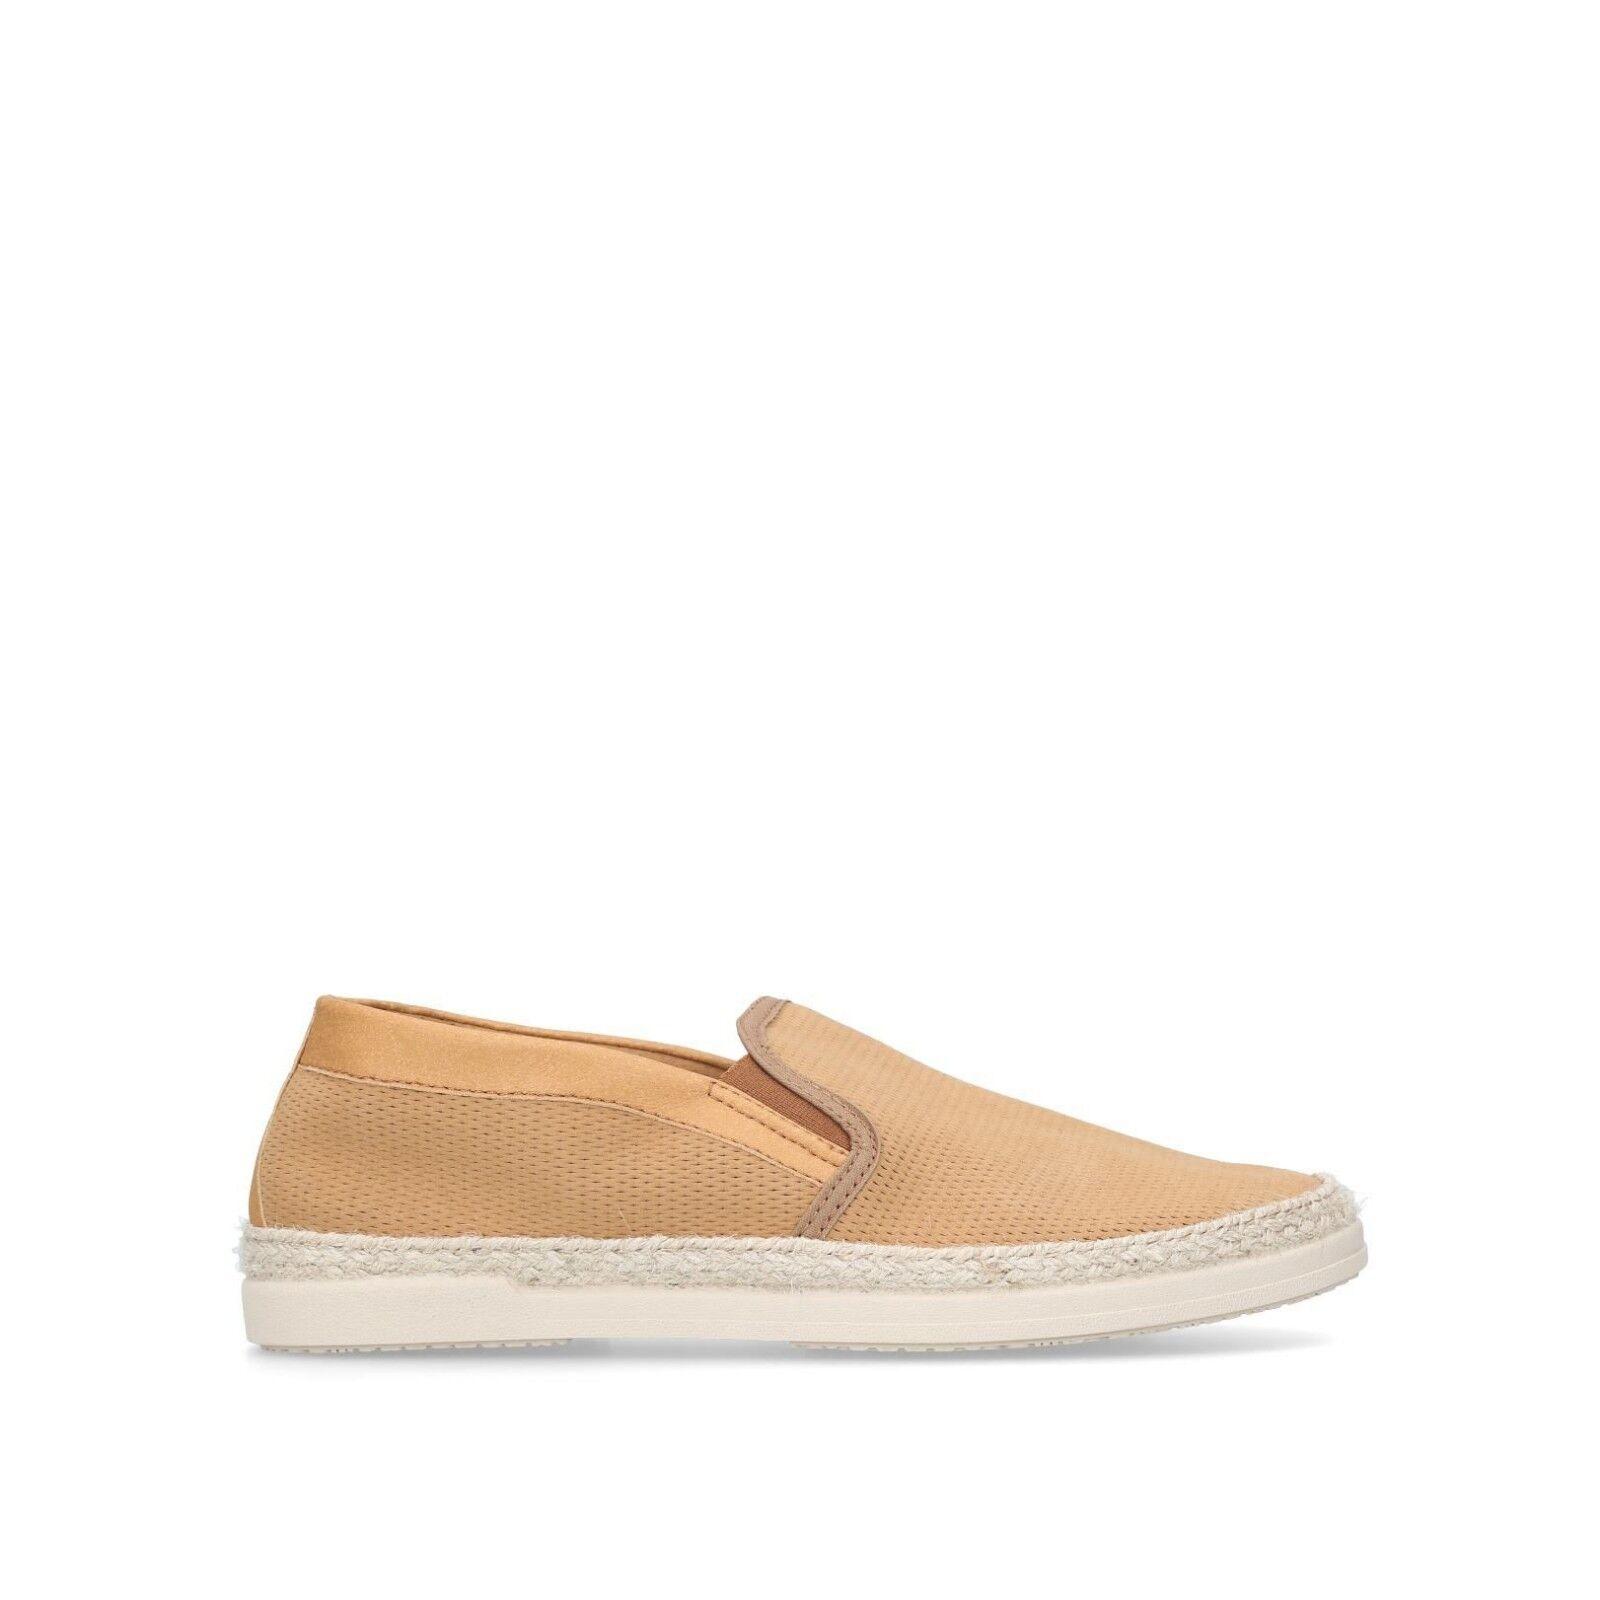 Nuevo Para hombres KURT GEIGER TED Zapatillas zapatillas tan   Talla UK 10 Stock Limitado